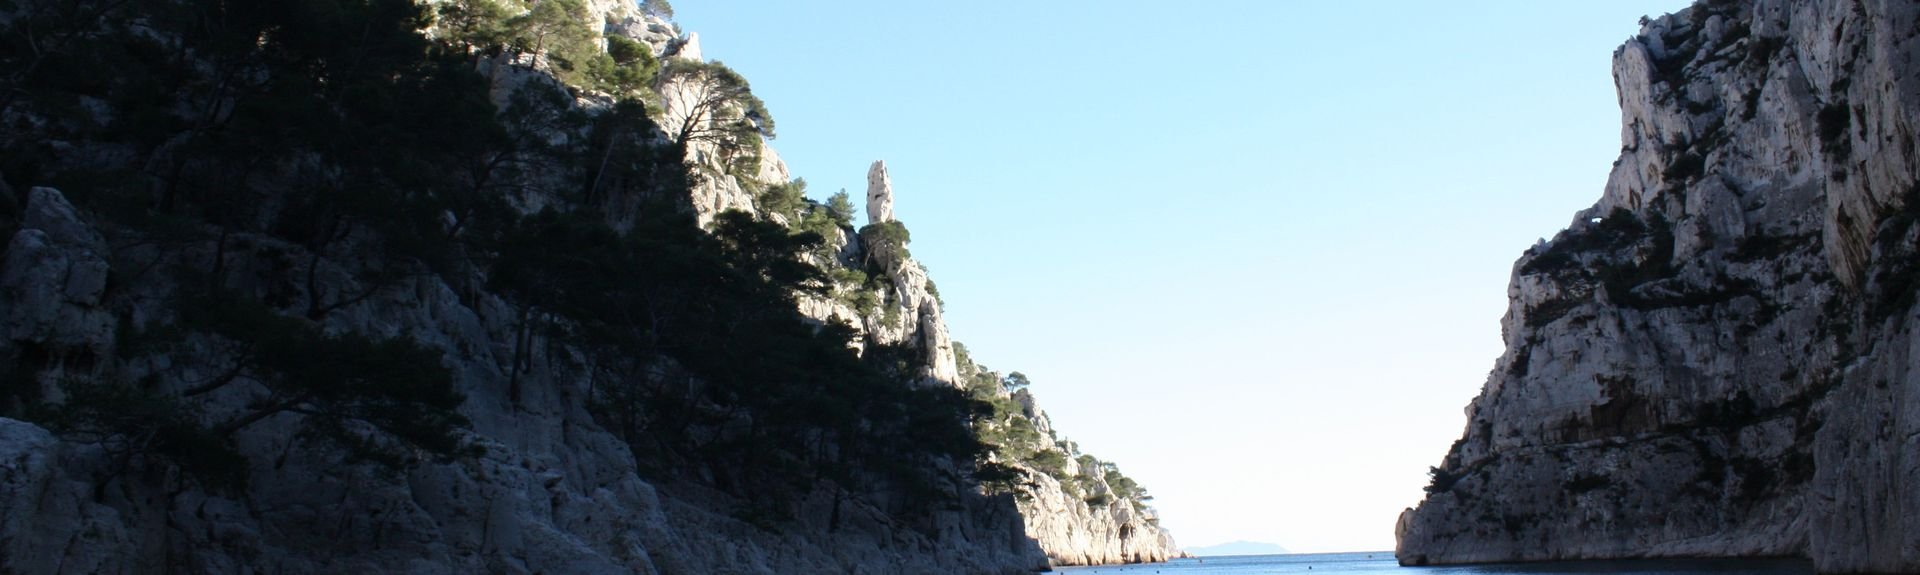 La Plage, Marseille, Provence-Alpes-Côte d'Azur, França